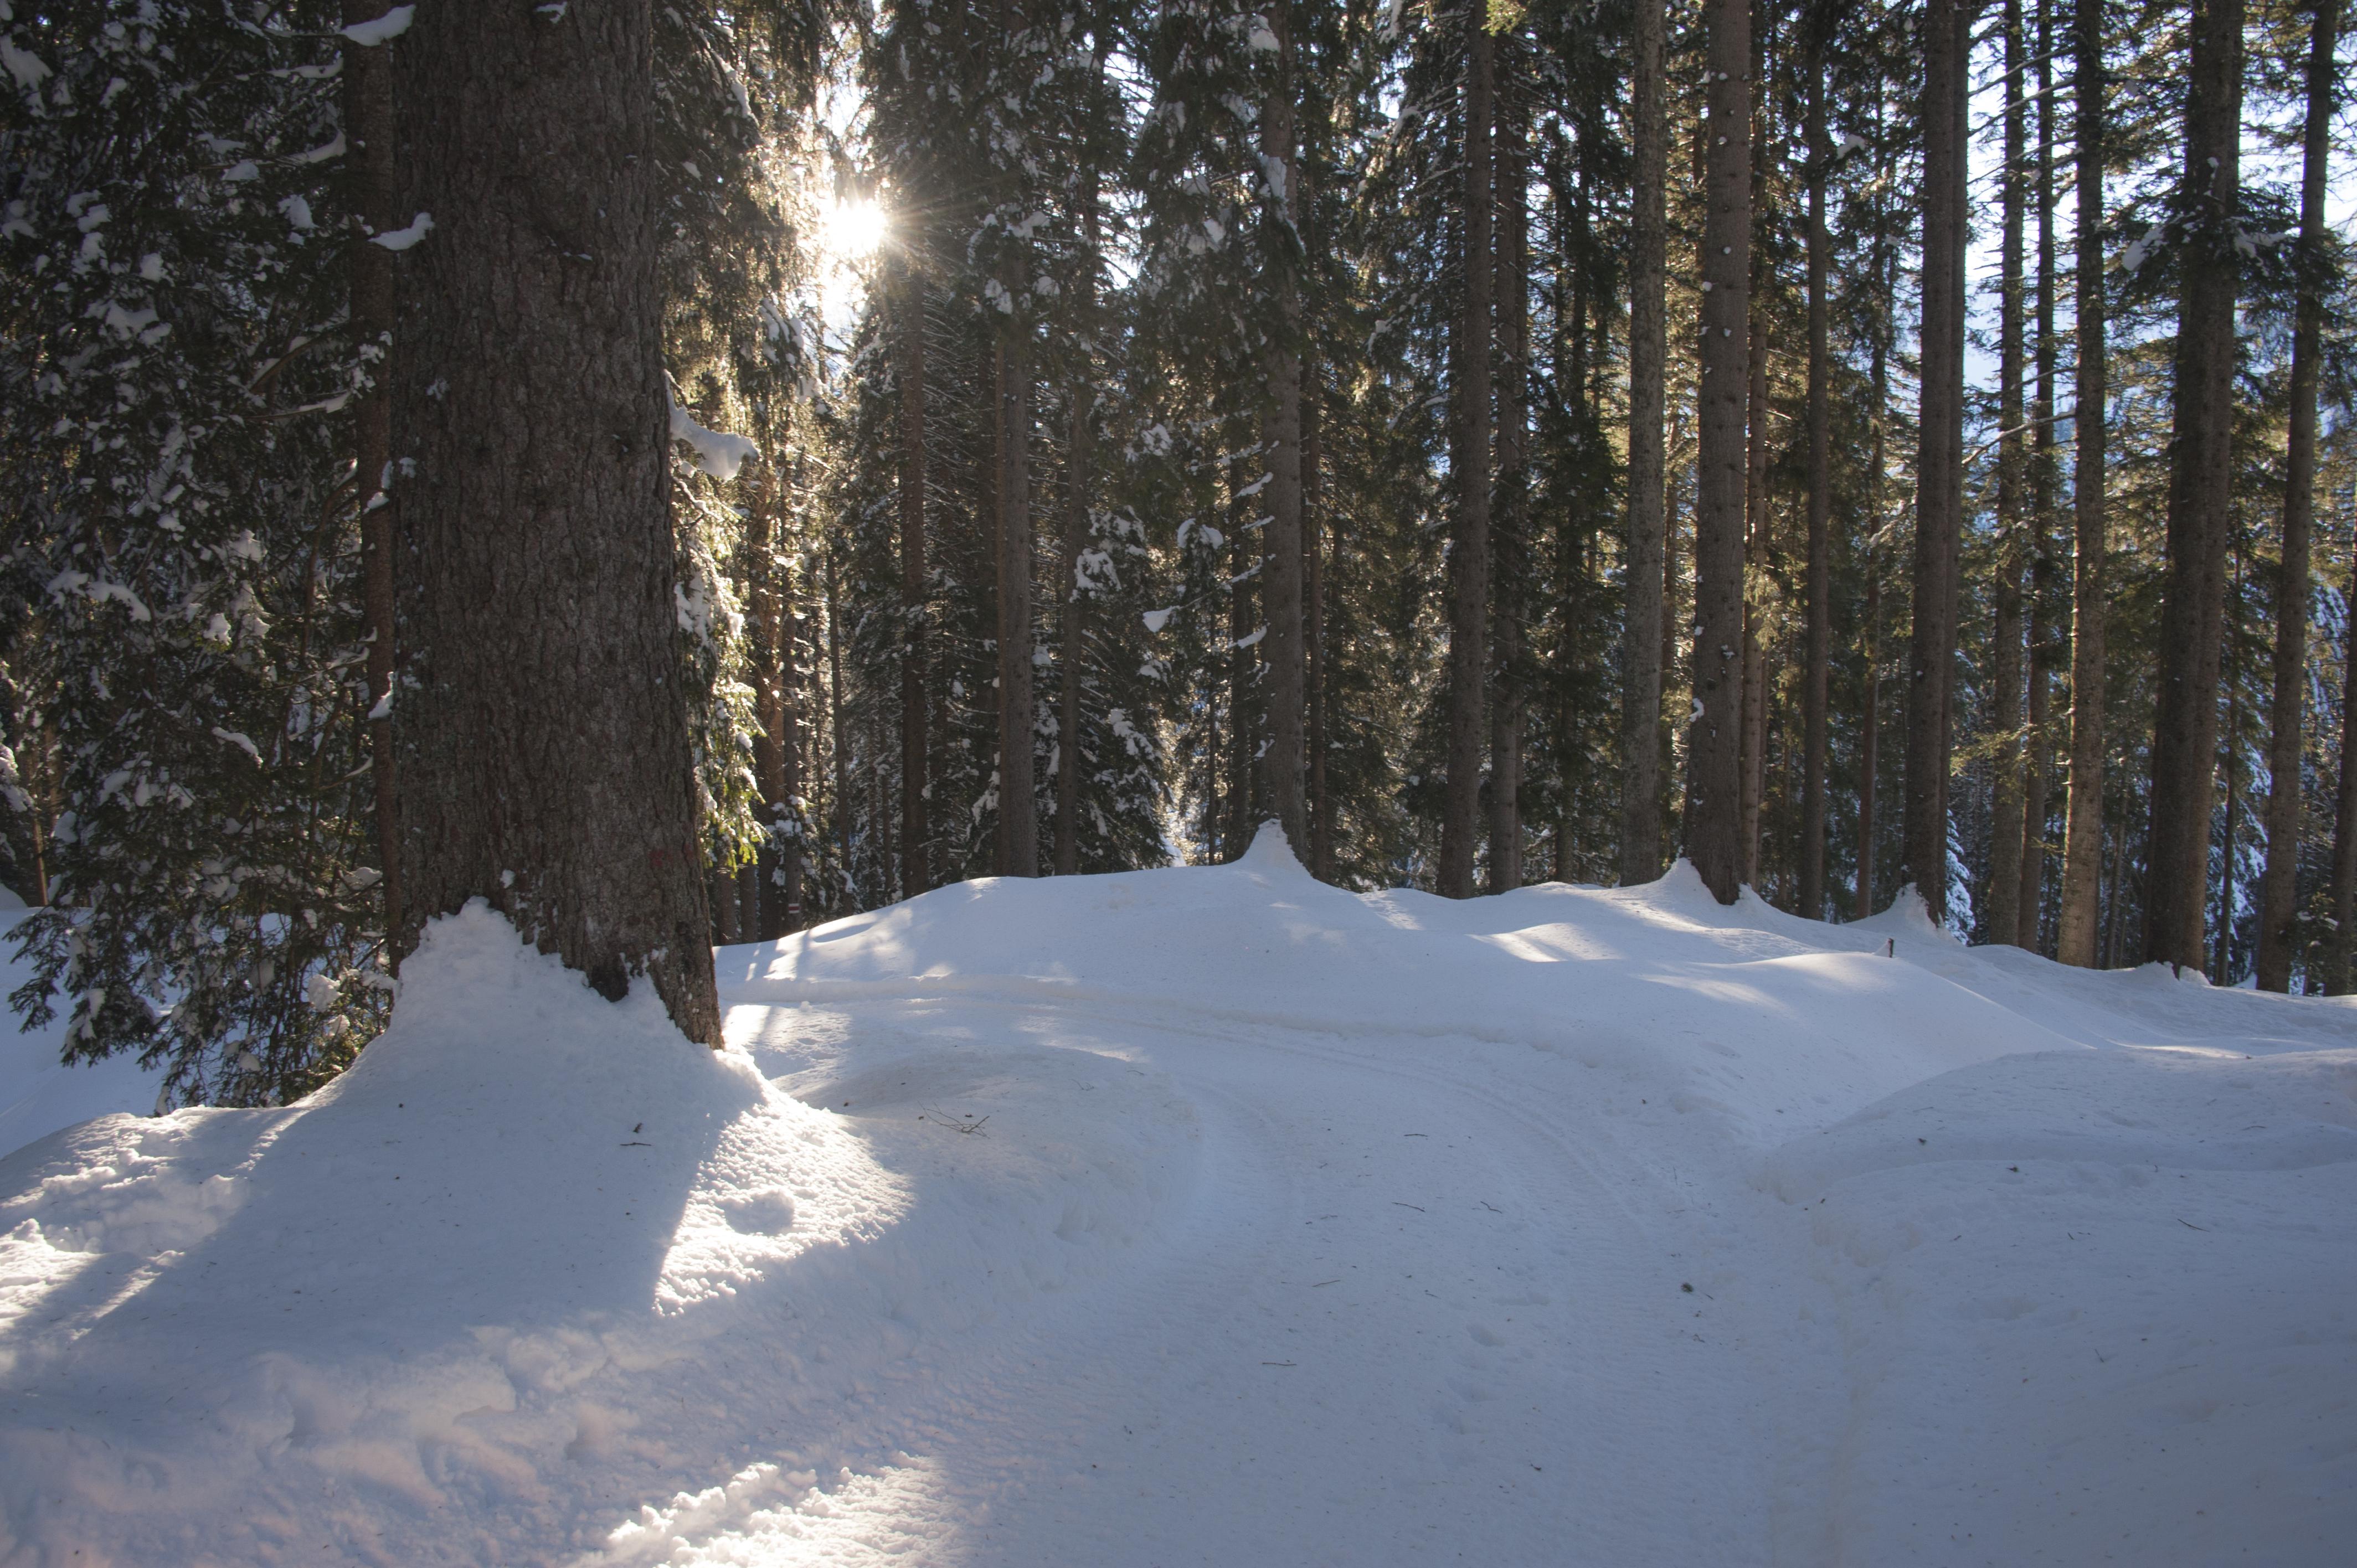 Winterwanderweg_RodelnLuisa_Winterbilder_Tropfen_Bäume_0281_1.jpg